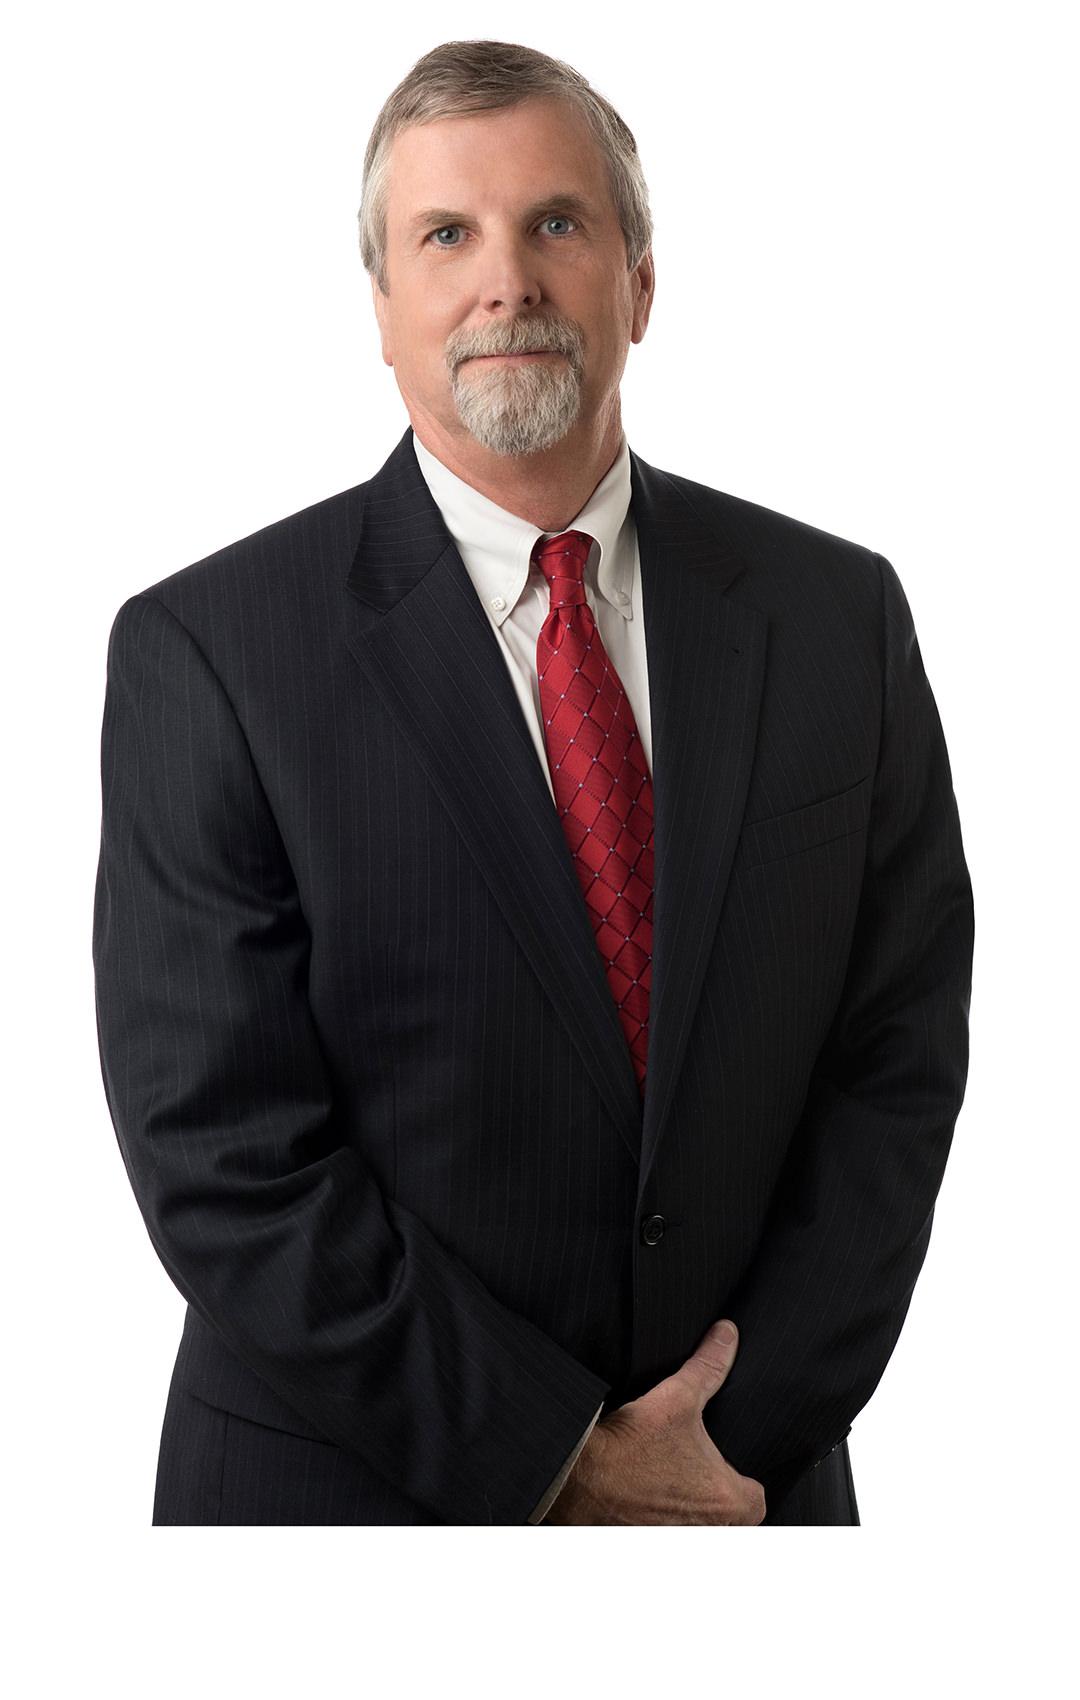 Howard A. VanDine, III